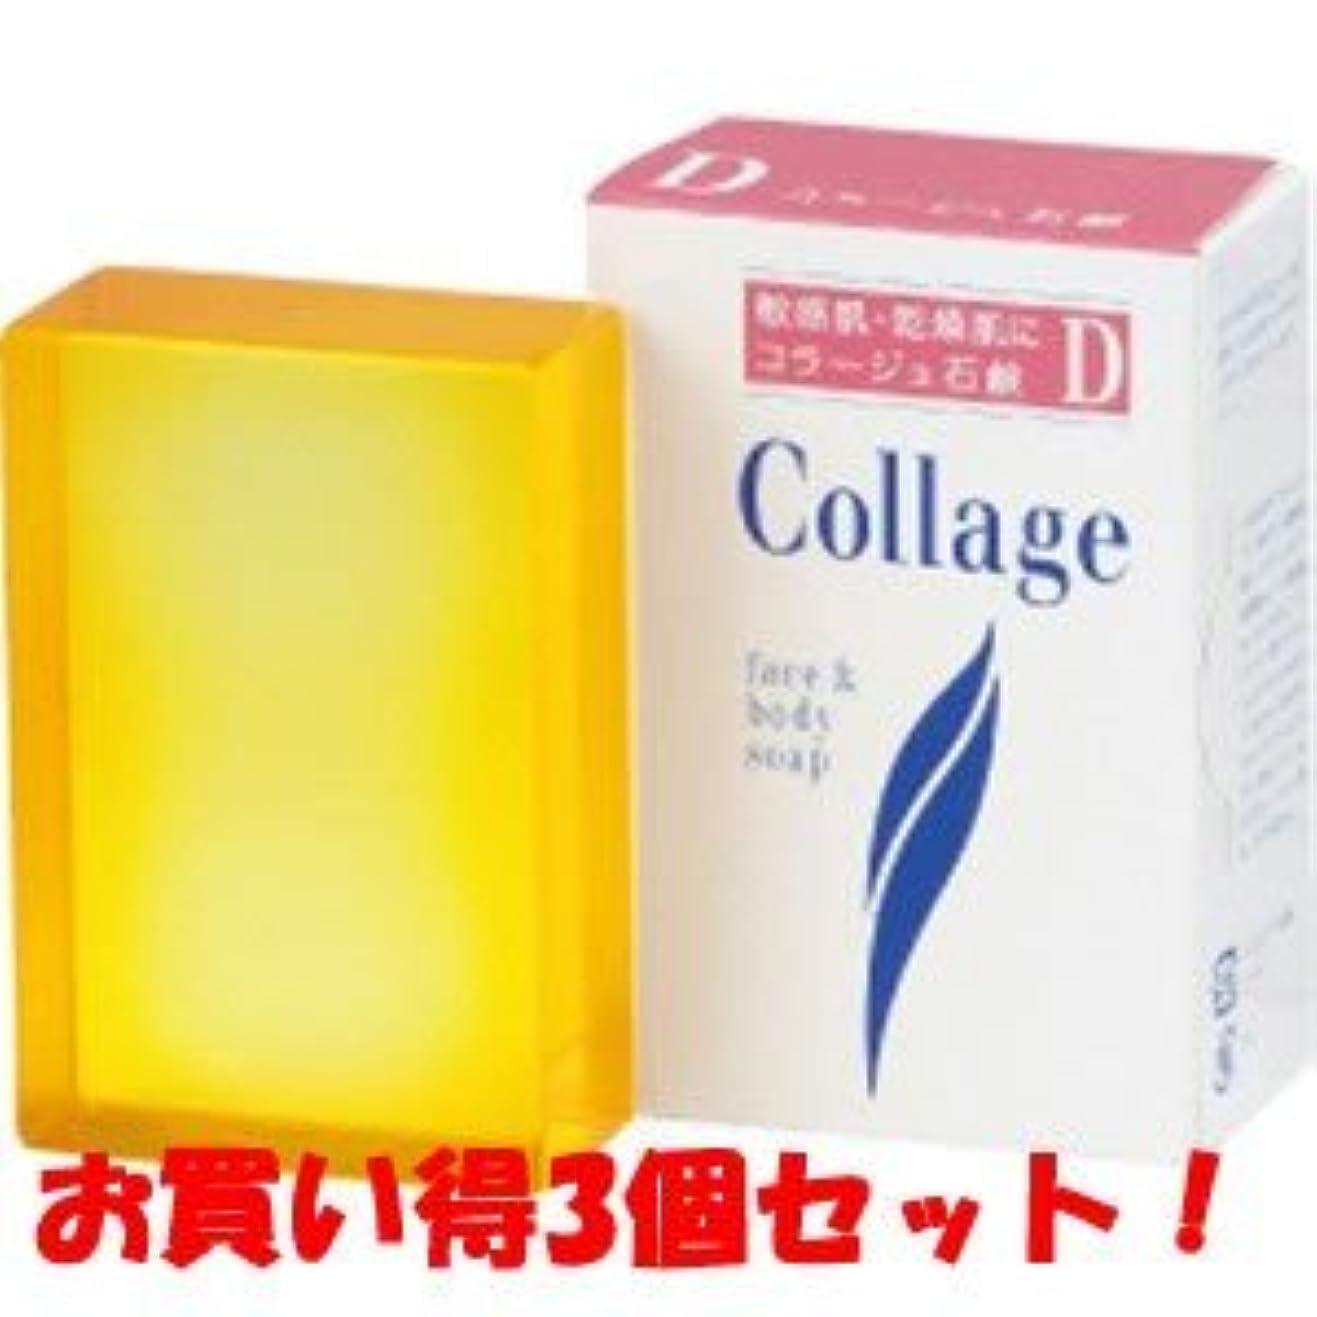 広告主オーガニック有益(持田ヘルスケア)コラージュD乾性肌用石鹸 100g(お買い得3個セット)